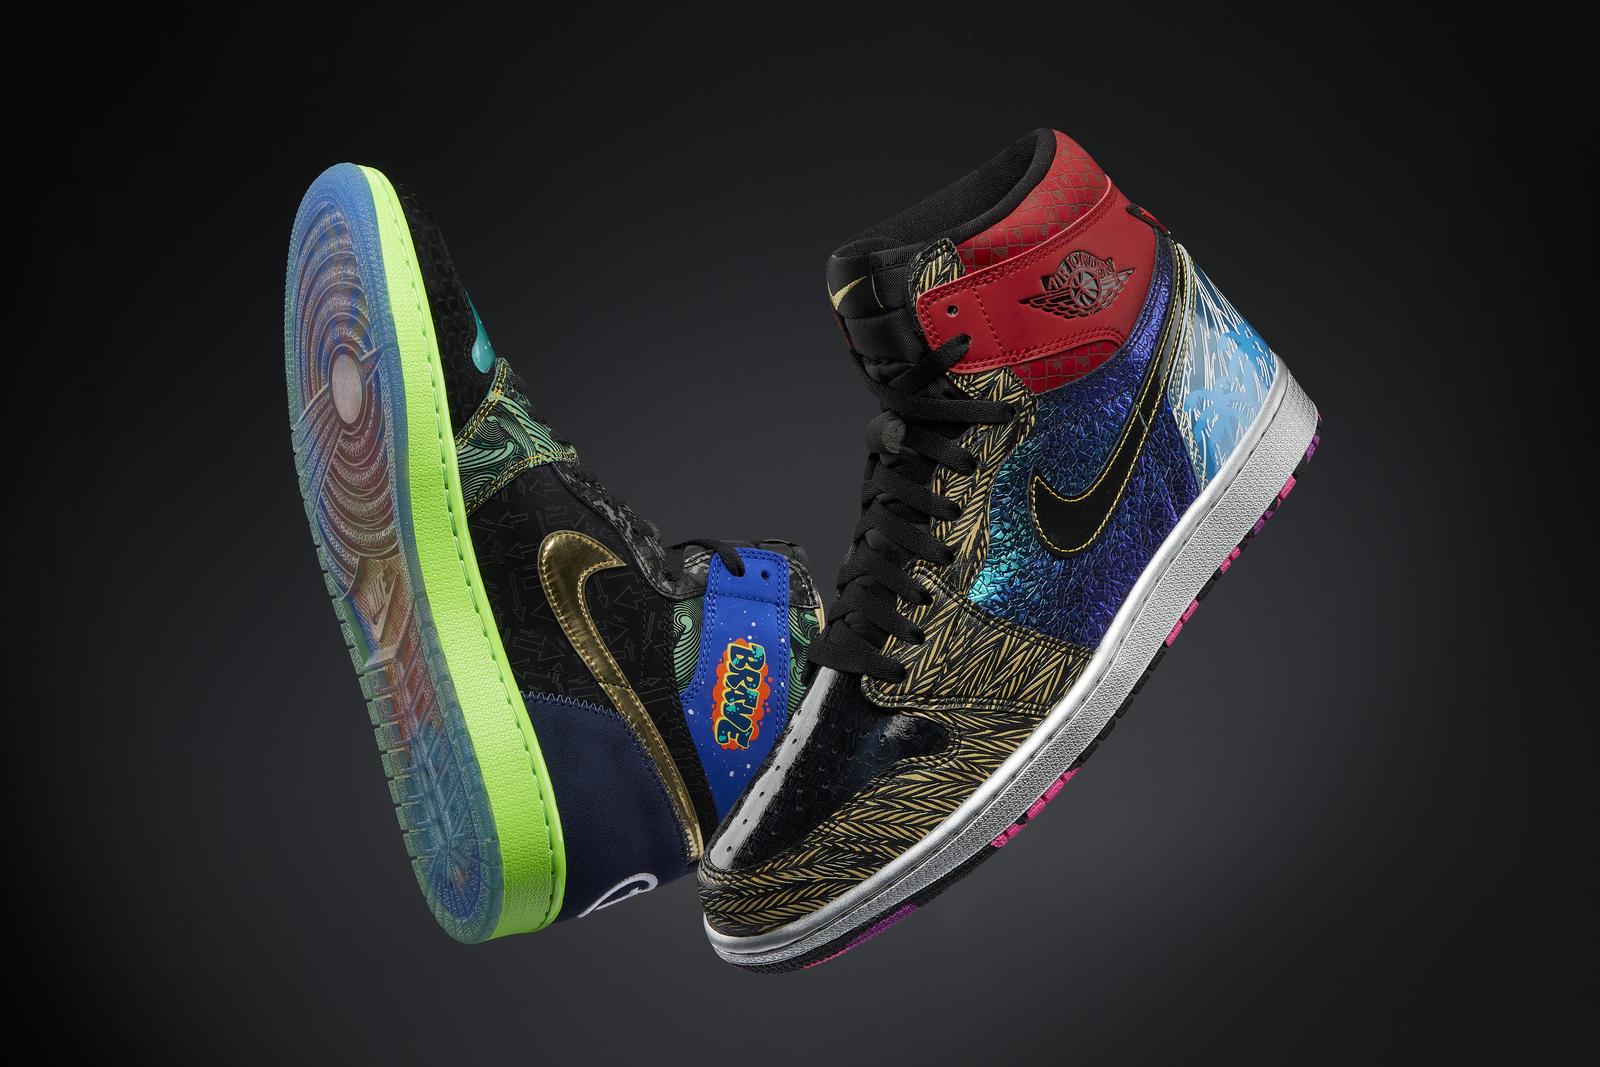 Nike Doernbecher Freestyle 2021 Air Jordan I What The Doernbecher 9